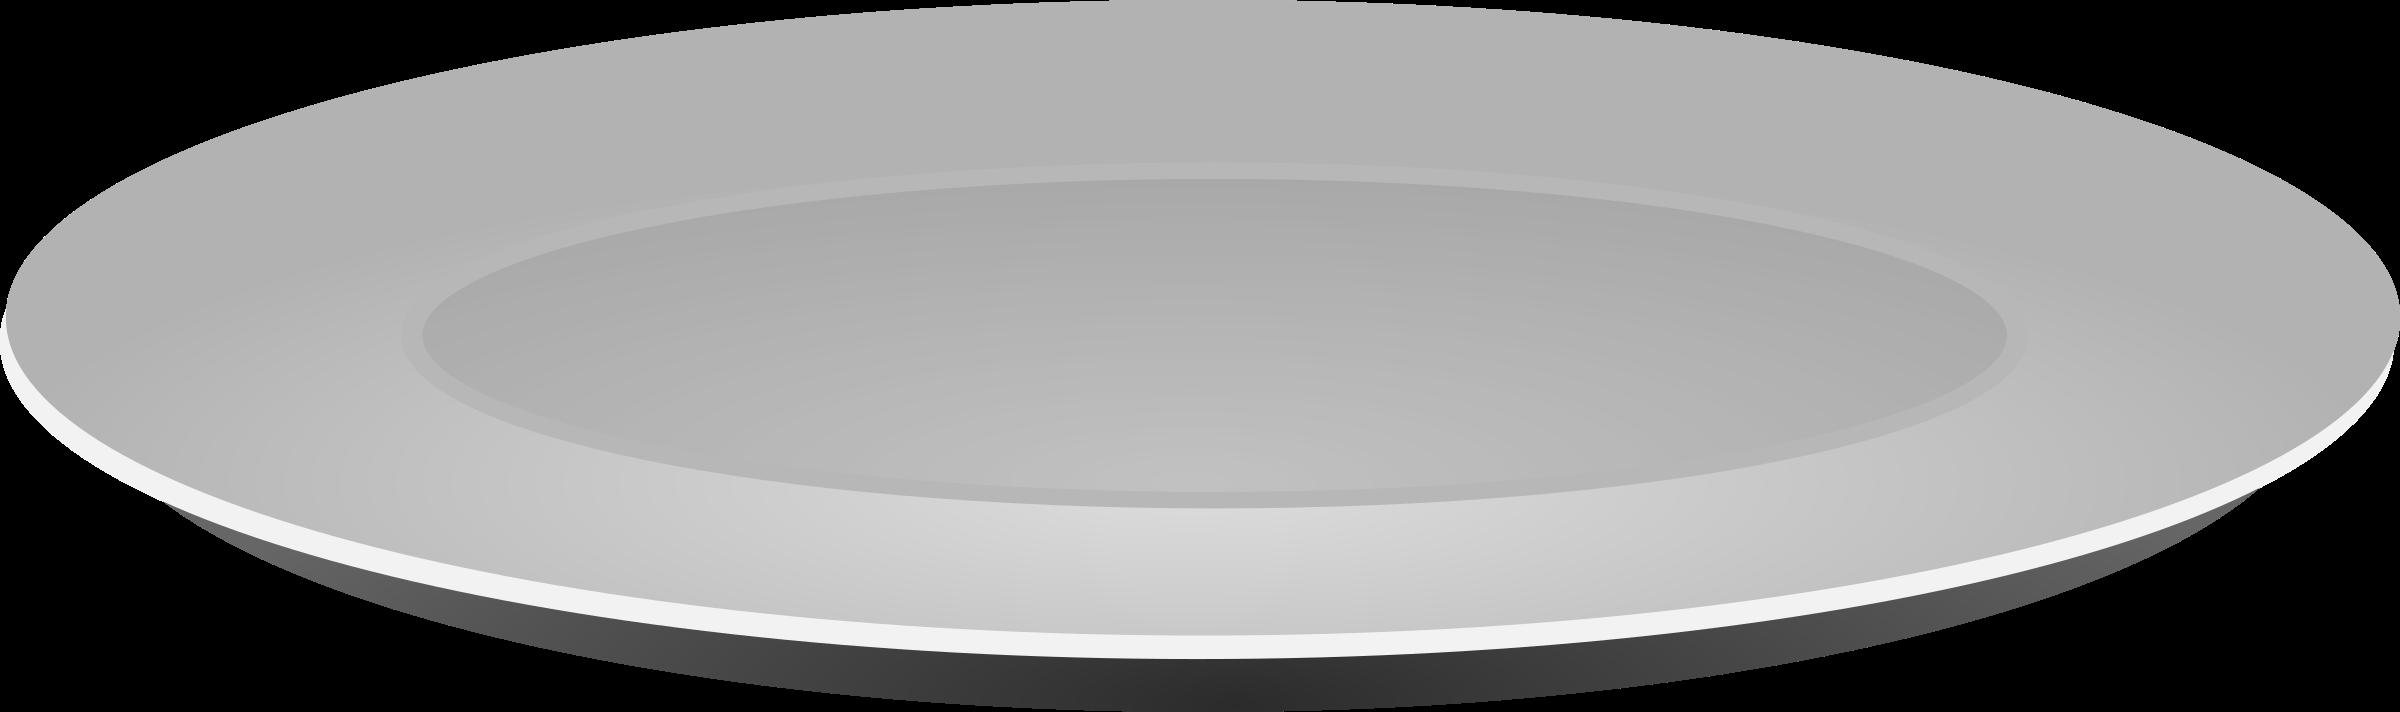 Log In Register Upload Clipart